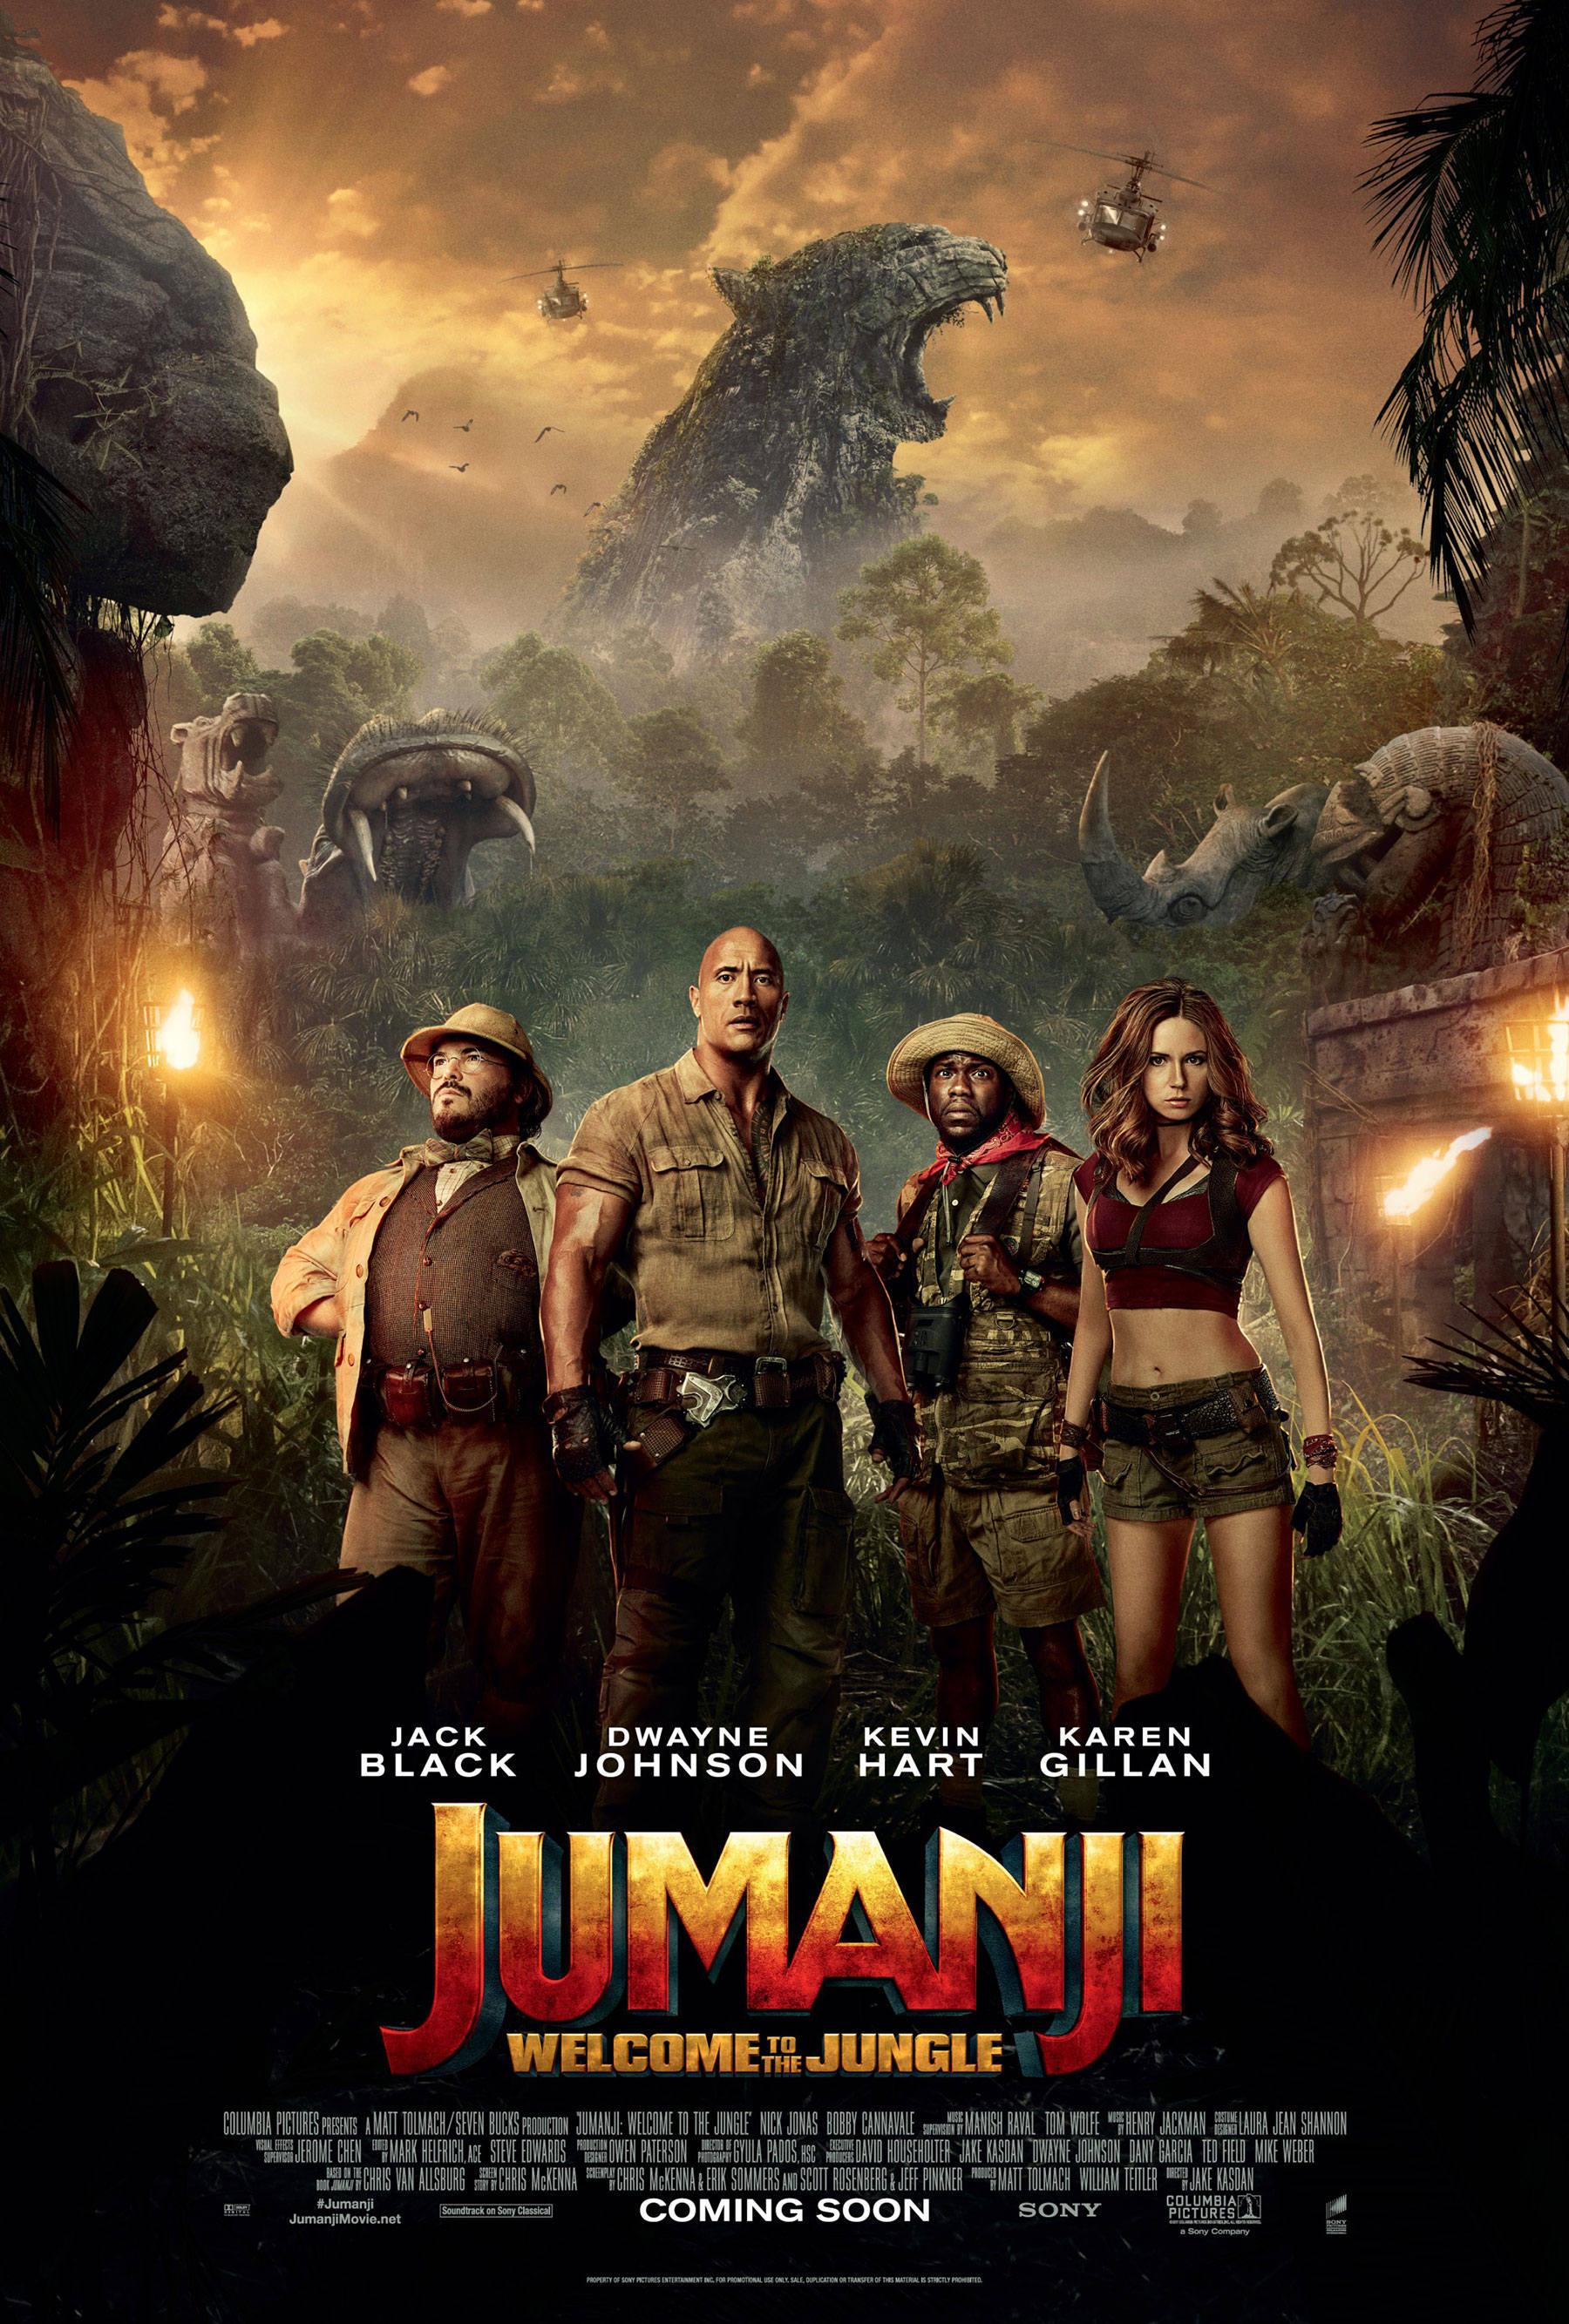 Jumanji_2017_Poster.jpg